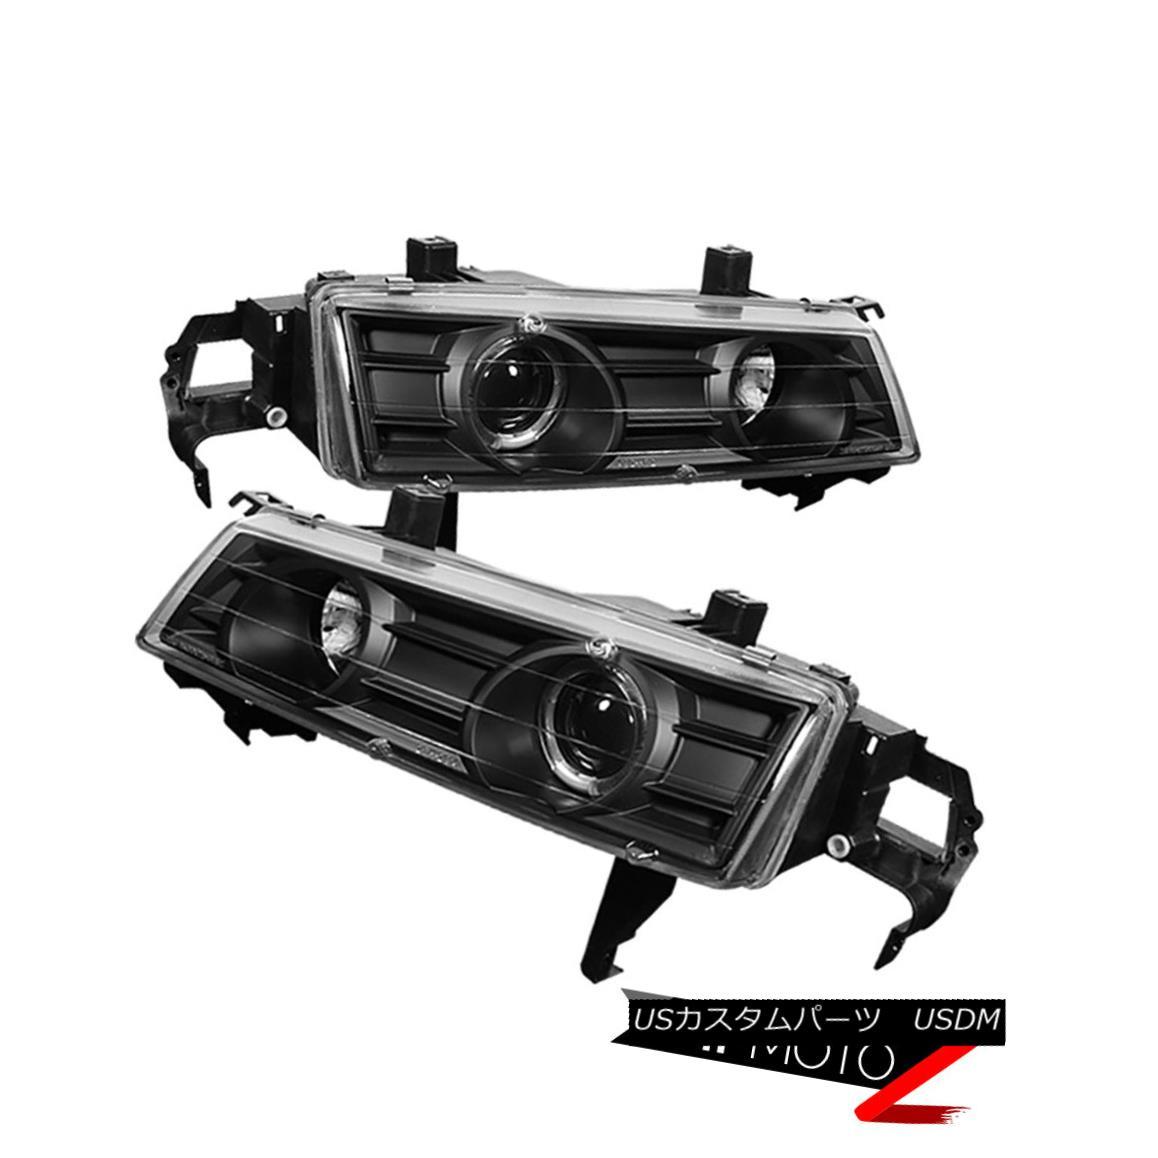 ヘッドライト L+R Black Projector Headlight Halo Angel Eye 1992-96 HONDA PRELUDE Type-SH H22 L + RブラックプロジェクターヘッドライトHalo Angel Eye 1992-96ホンダPRELUDEタイプSH H22